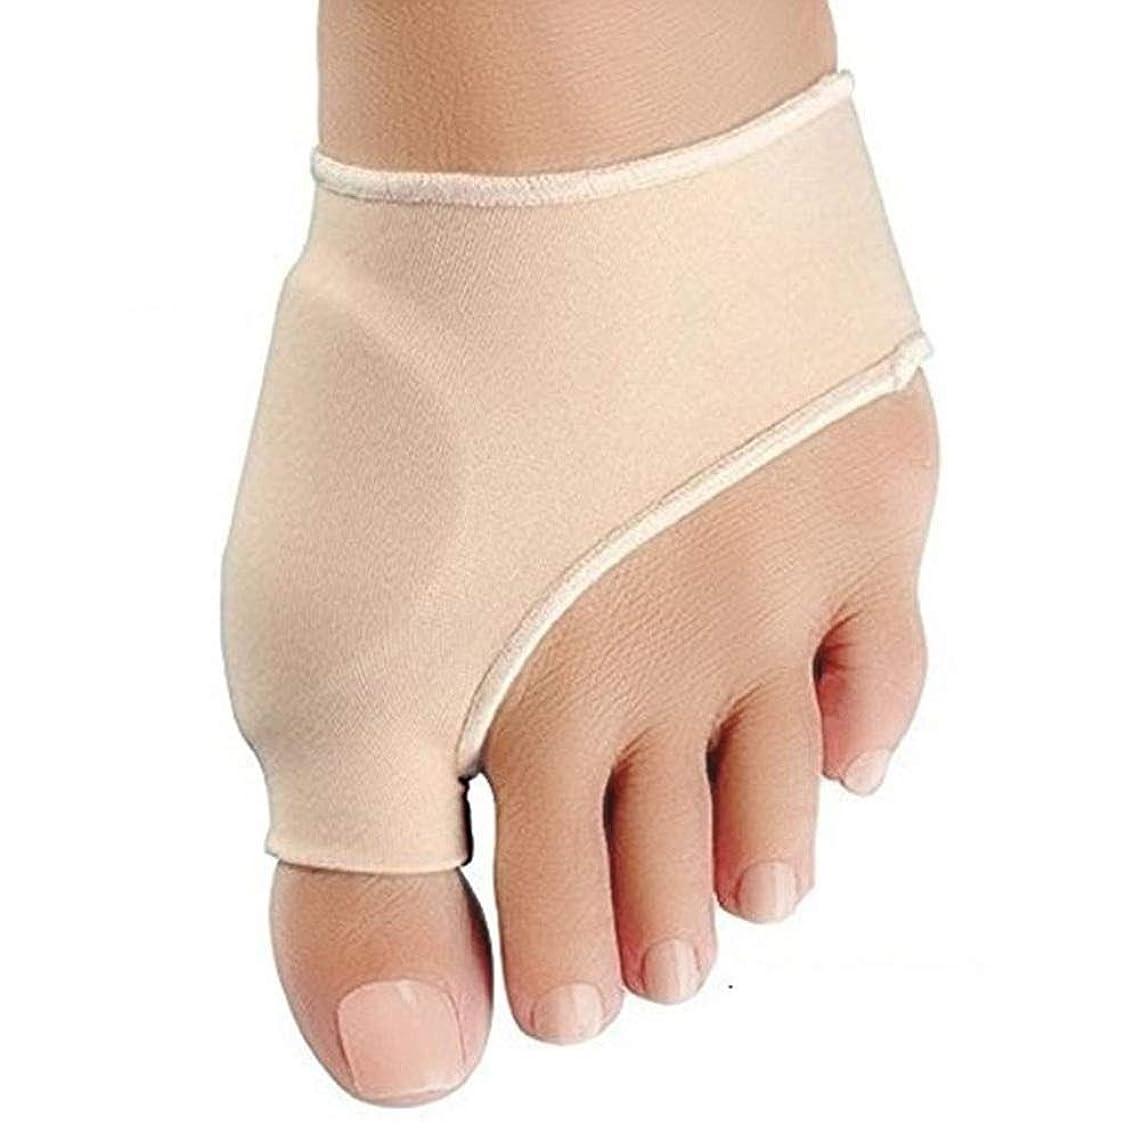 本気本気足アライナ外反母趾ケアカスタムジェルパッドBunionitisカフ親指外反母趾コレクターは、昼と夜の大人が足の骨親指の滑りを着ることができます (Size : S: 7.5*9cm 34-39 yards)